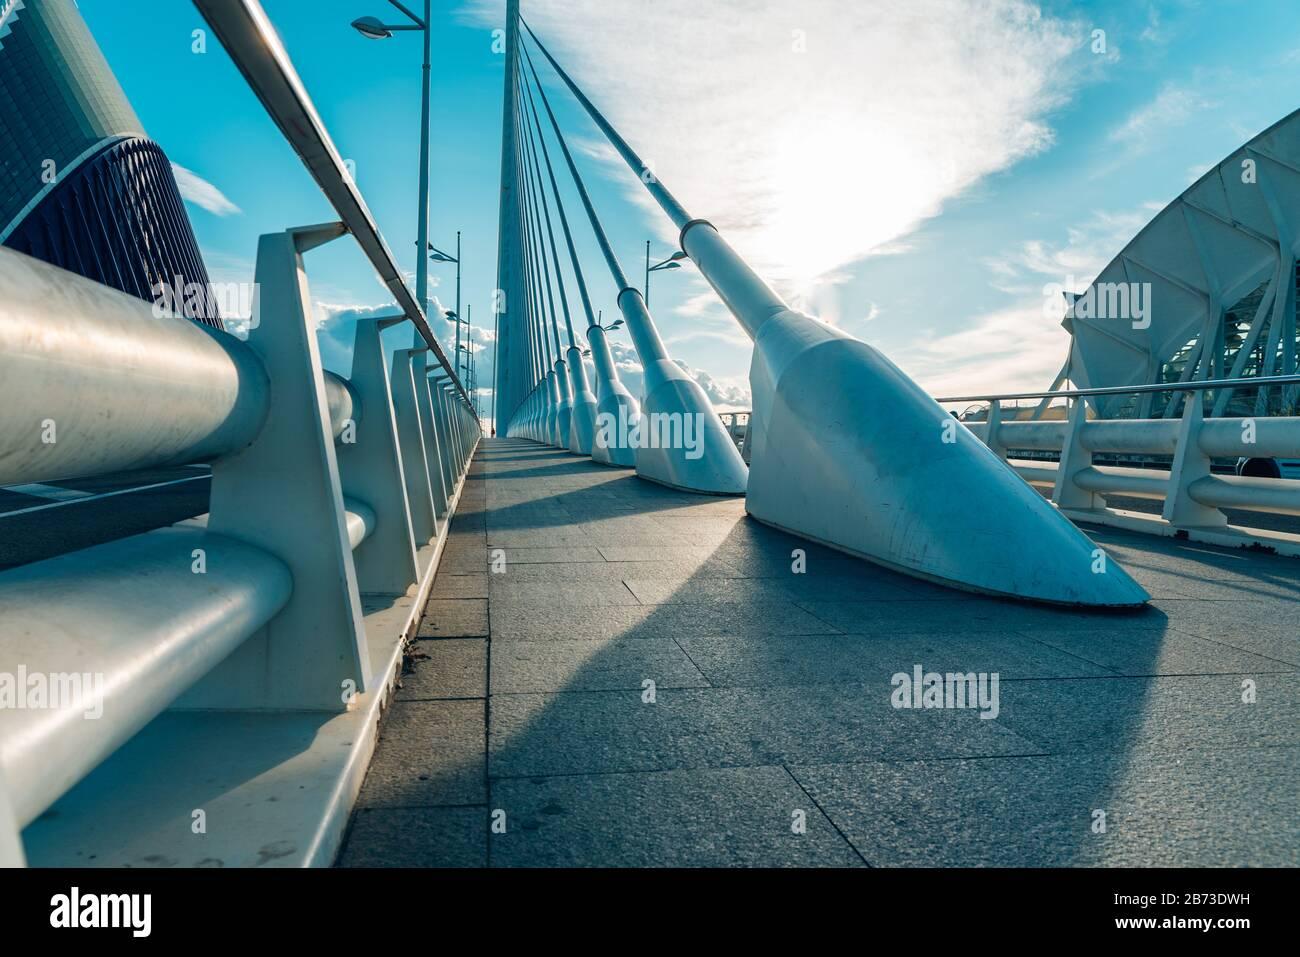 Valencia, Espagne - 5 mars 2020: Détail du pont le plus haut à passage par câble à Valence, construit en acier et à travers lequel voitures, piétons et vélos Banque D'Images